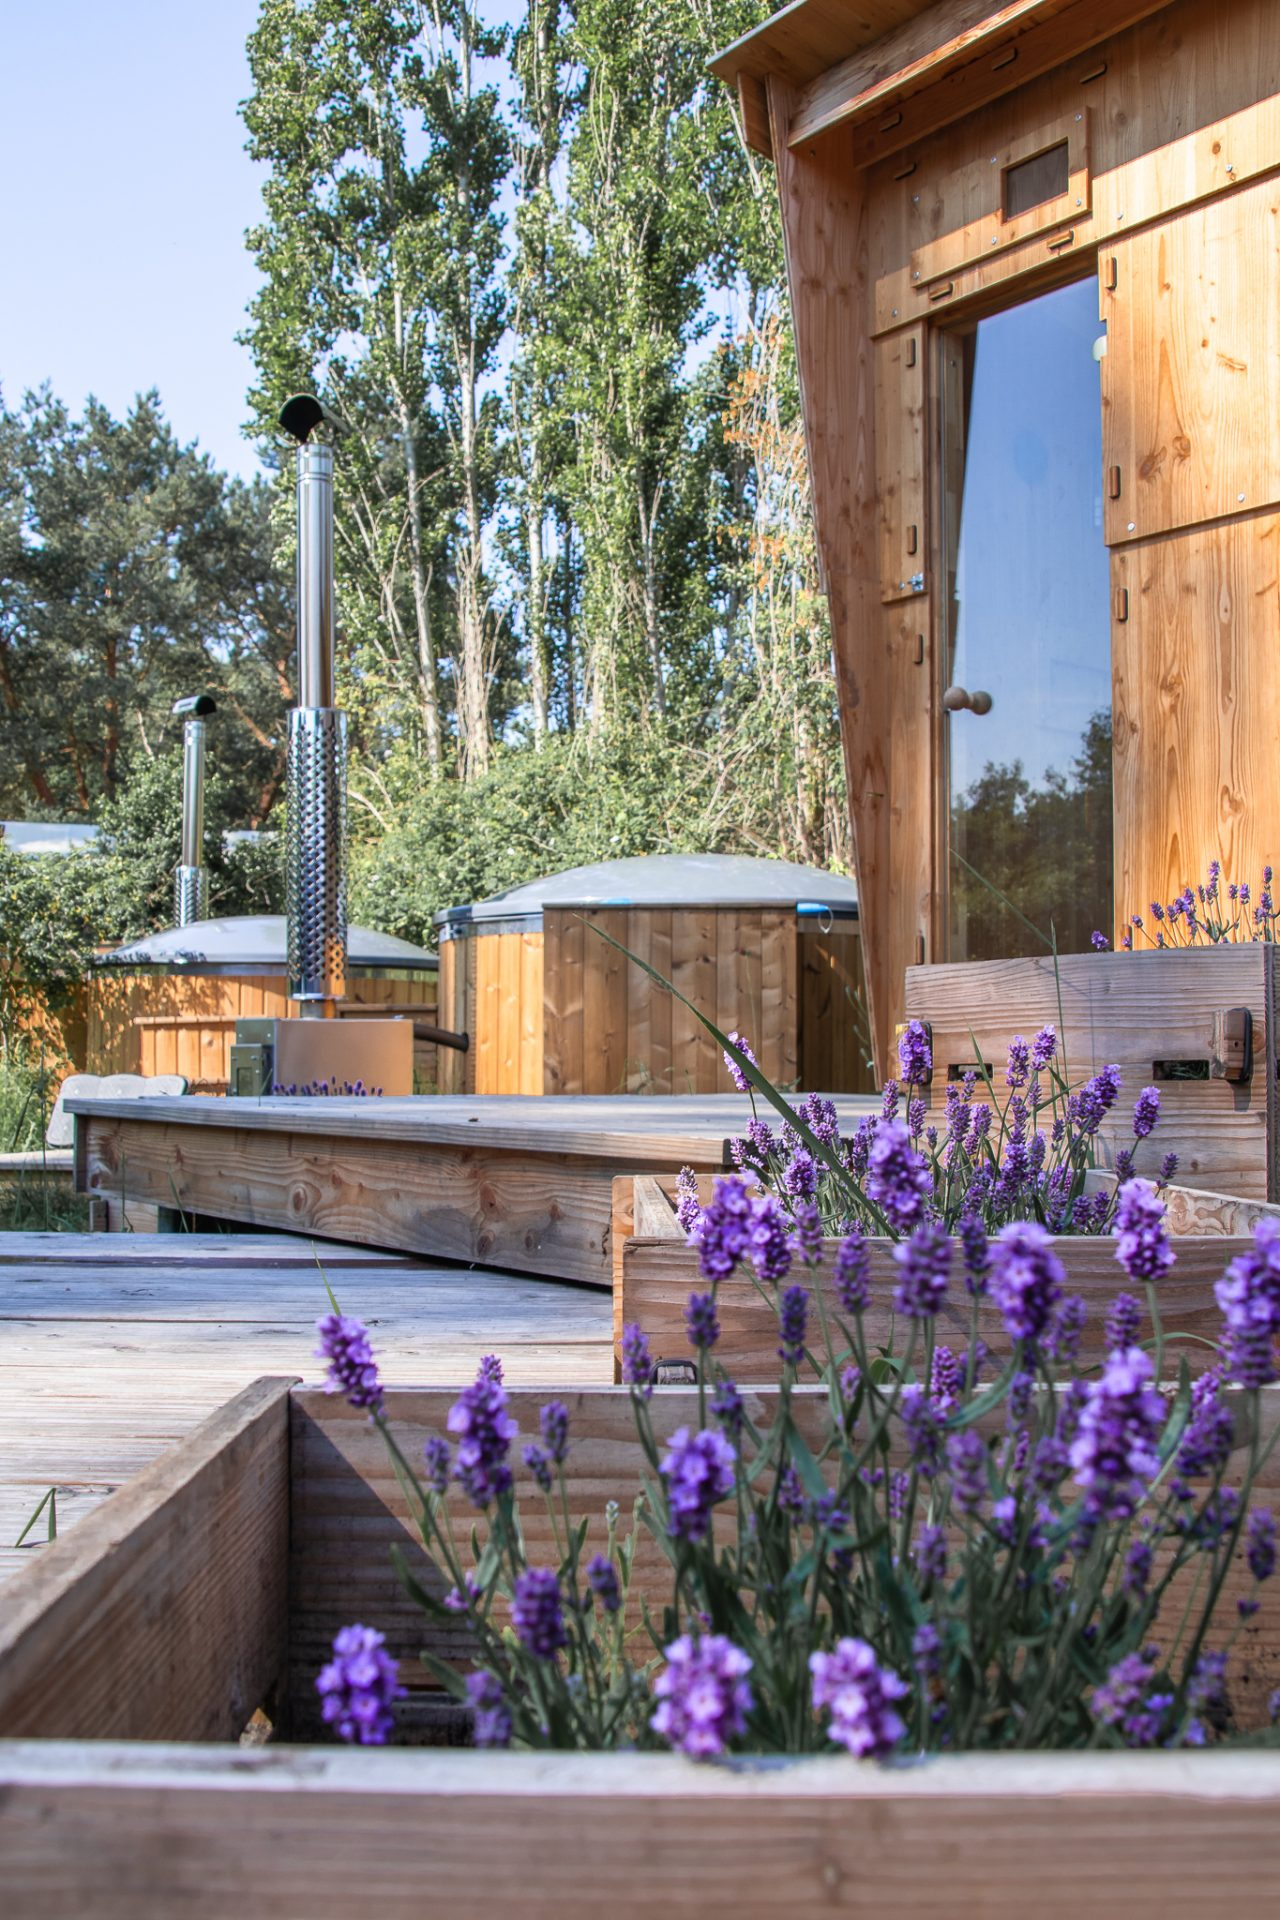 destinature-dorf-werkhaus-draußen-wellness-sauna-badewanne